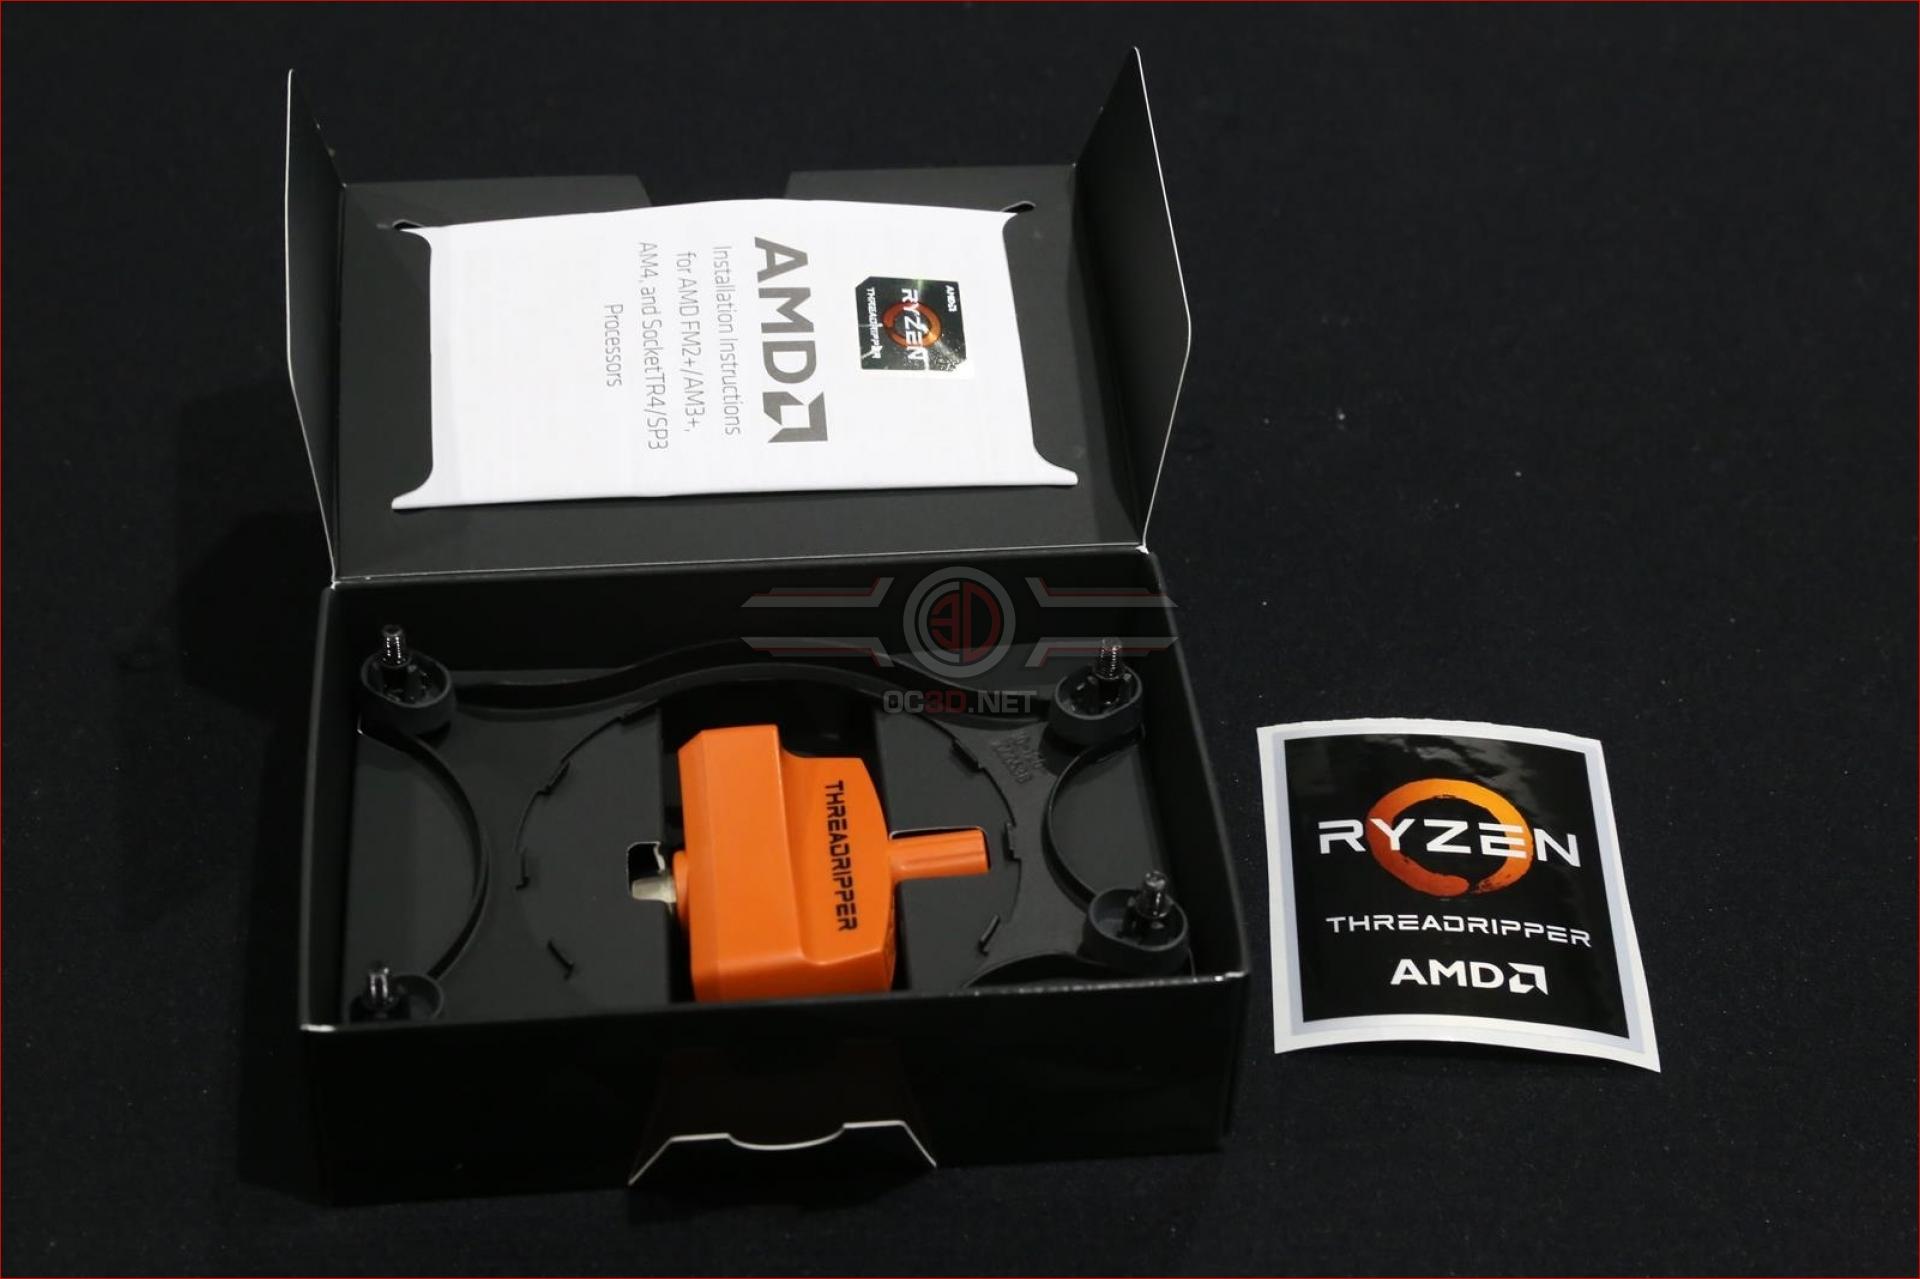 AMD 2nd Gen Ryzen Threadripper 2990WX and 2950X Preview | Unboxing